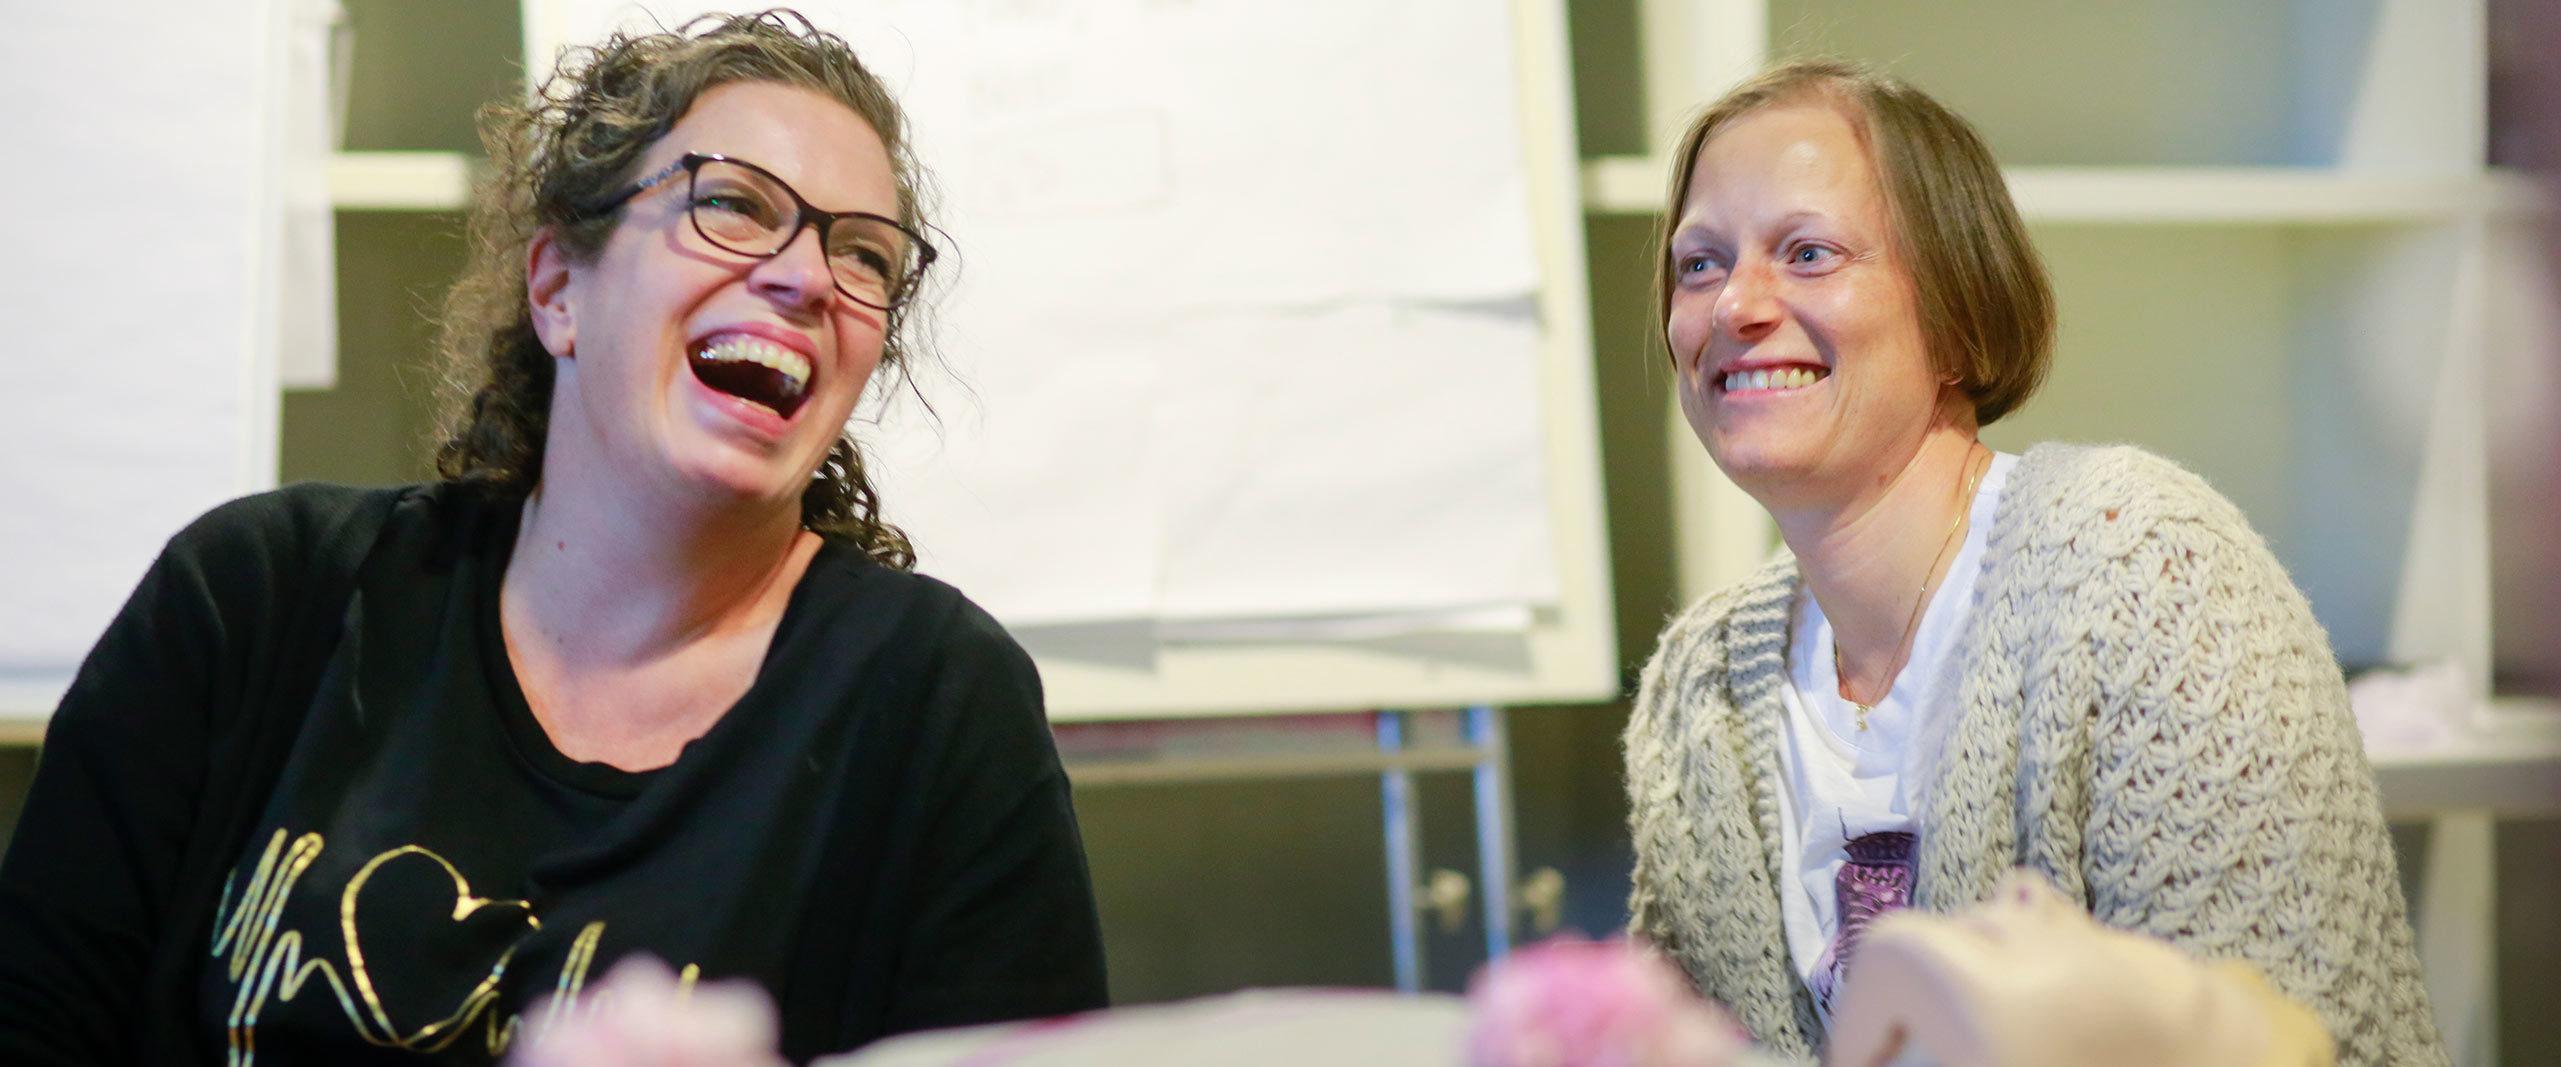 AnneMette Warberg til Førstehjælpskursus med xx